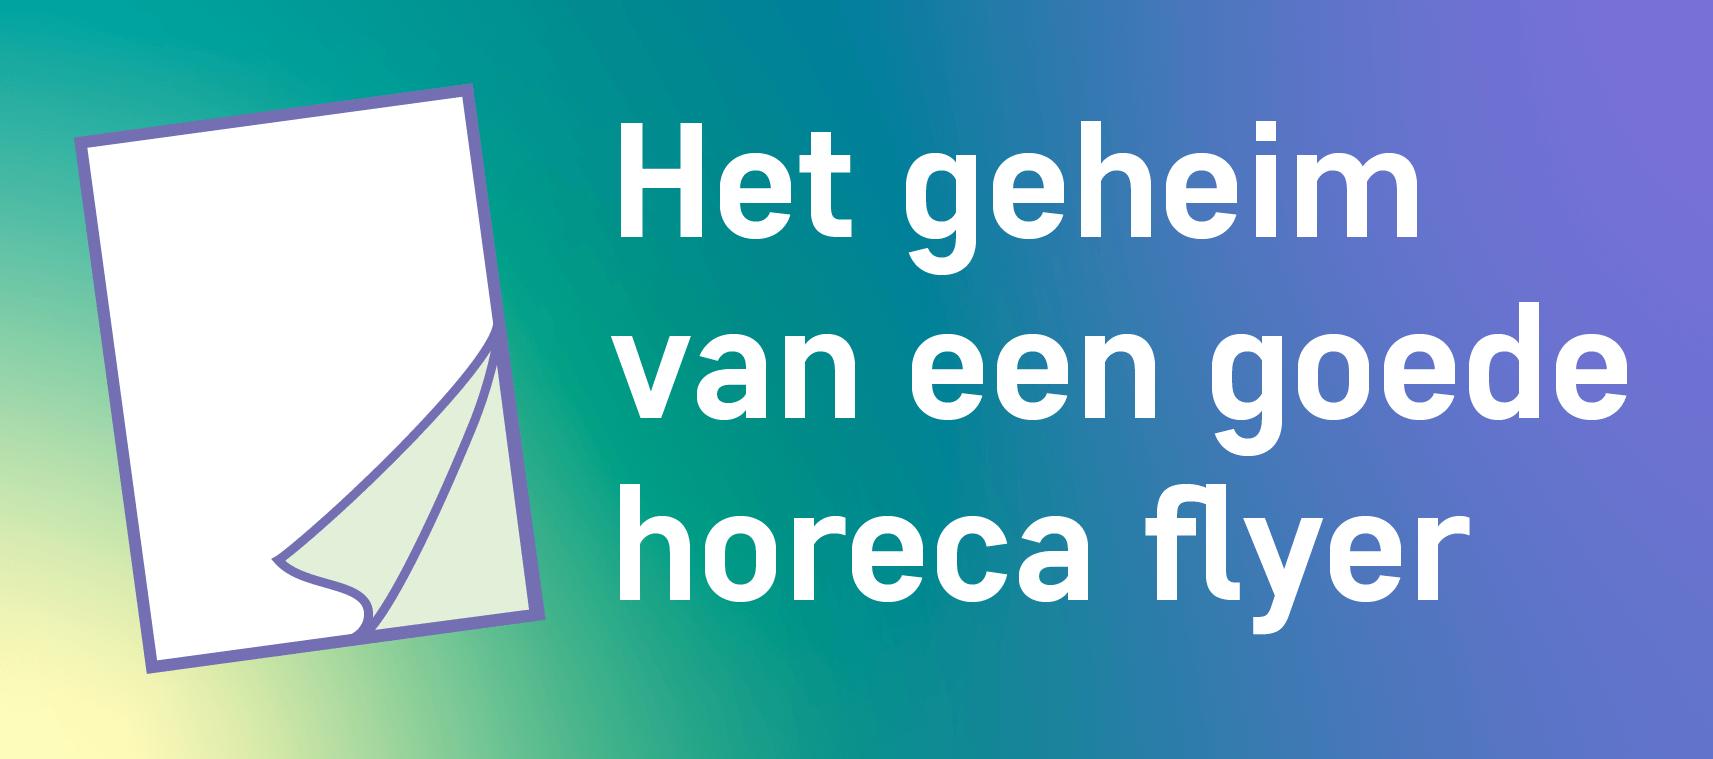 Het geheim van een goede horeca flyer